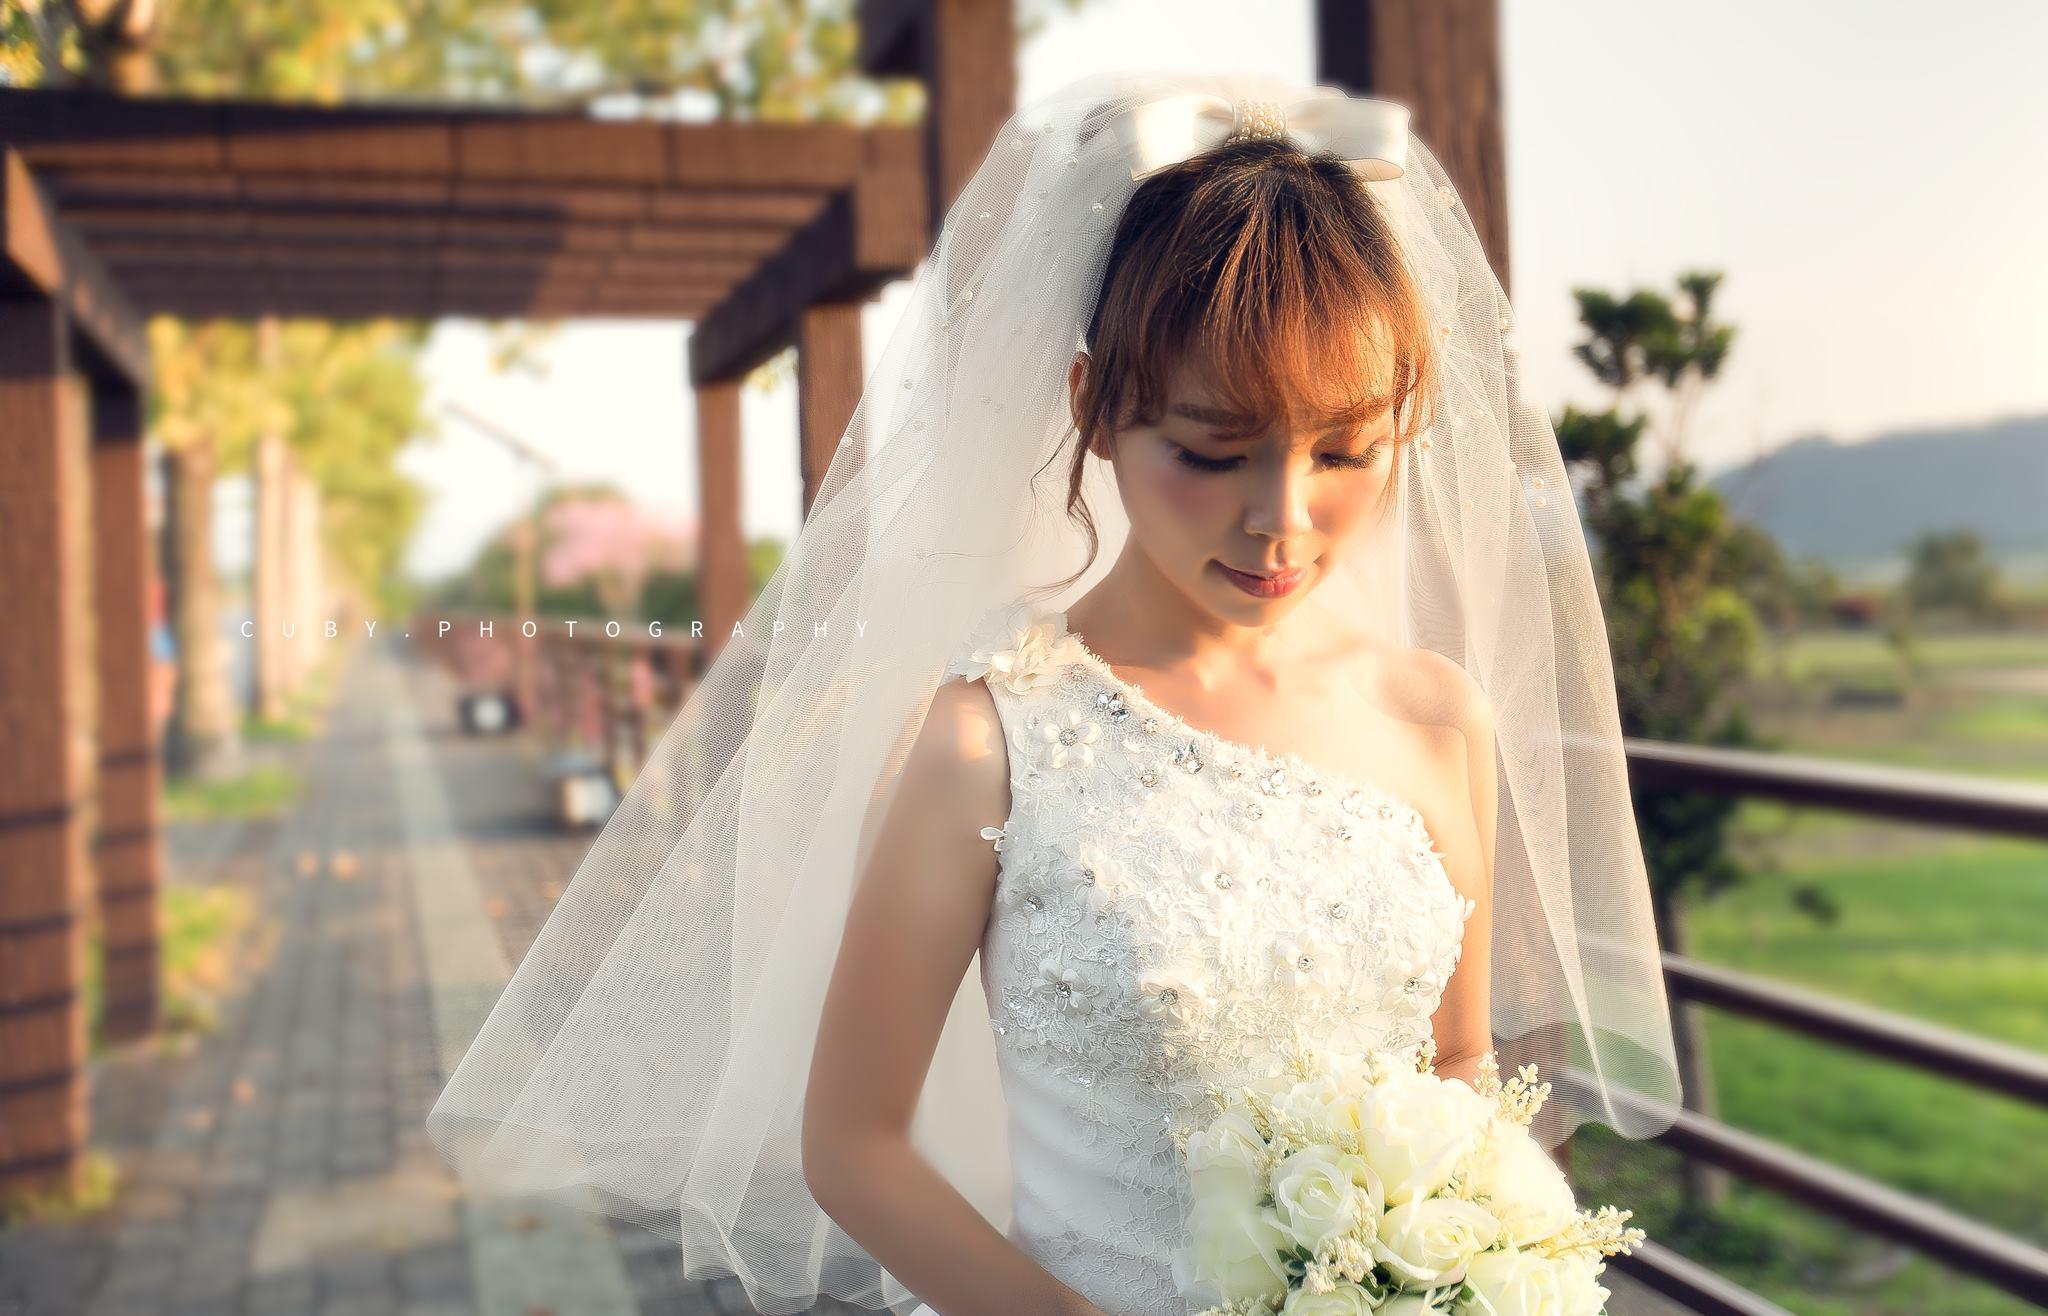 CUBY_酷比攝影_東華影樓_婚紗_婚攝_婚禮記錄004